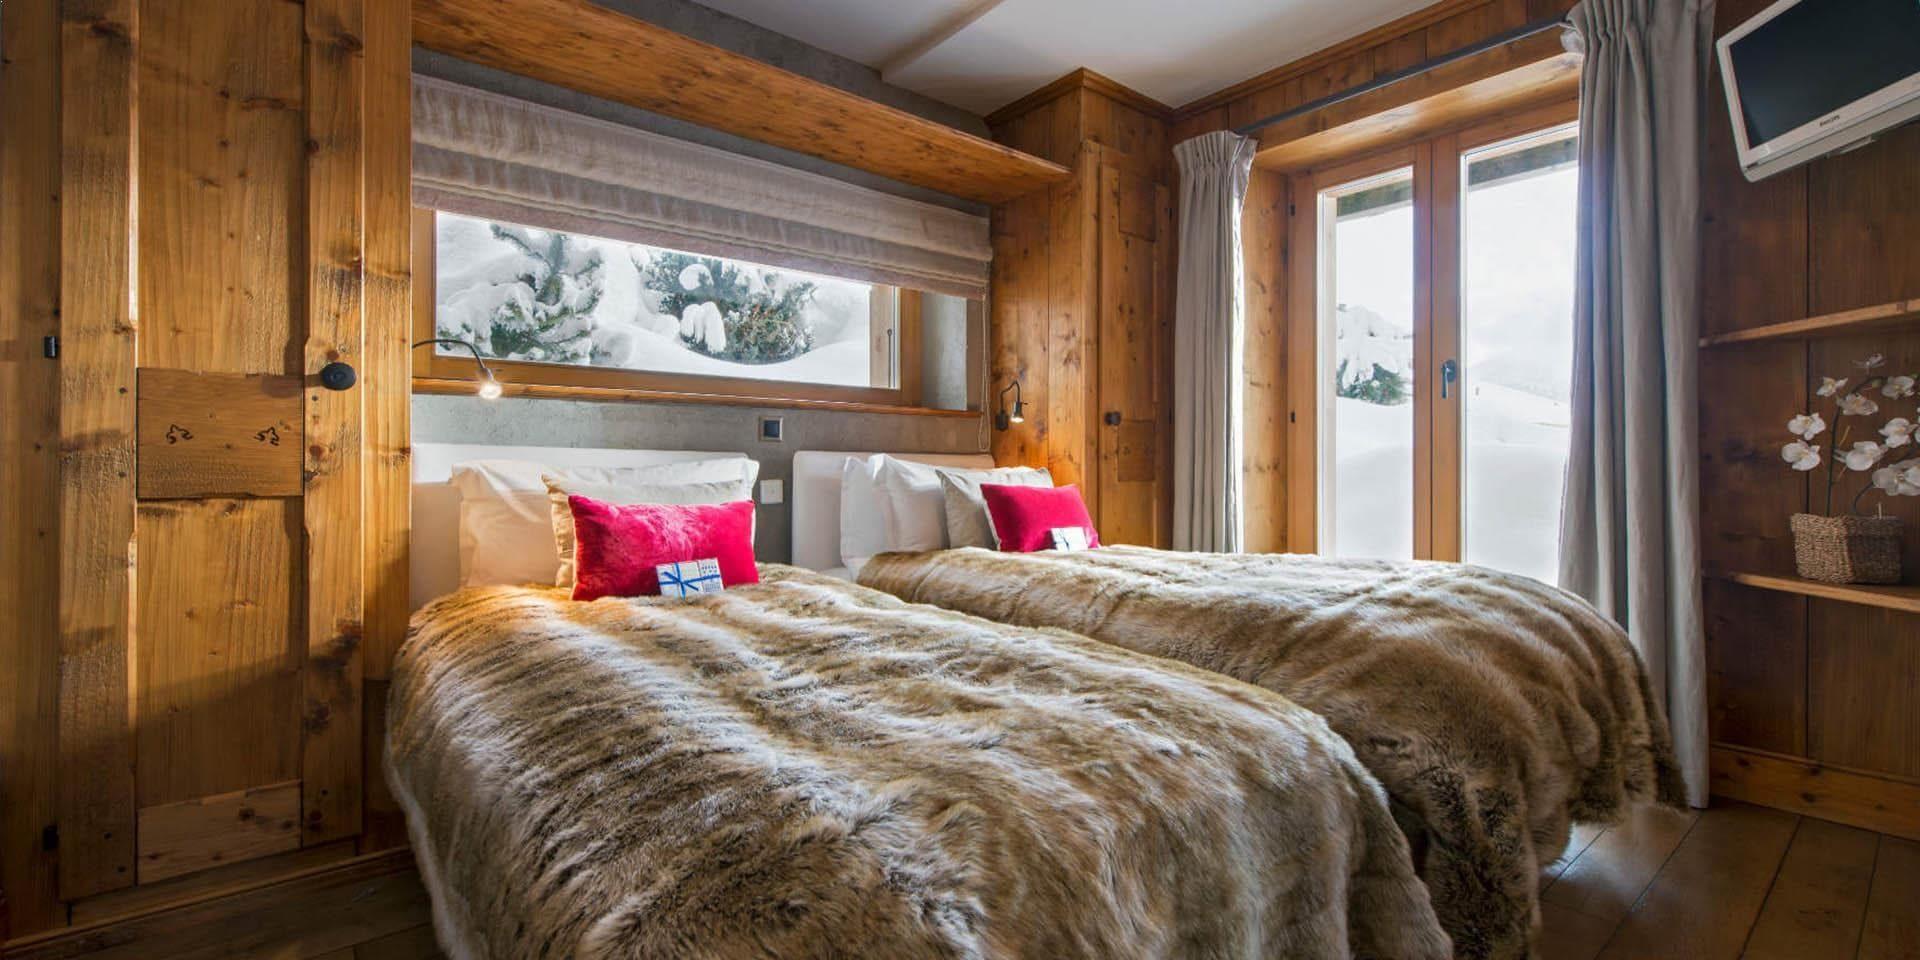 Chalet Pierre Avoi Verbier Les 4 Vallees Zwitserland wintersport skivakantie luxe slaapkamer aparte bedden bedsprei roze kussens raam deur hout TV uitzicht sneeuw bomen